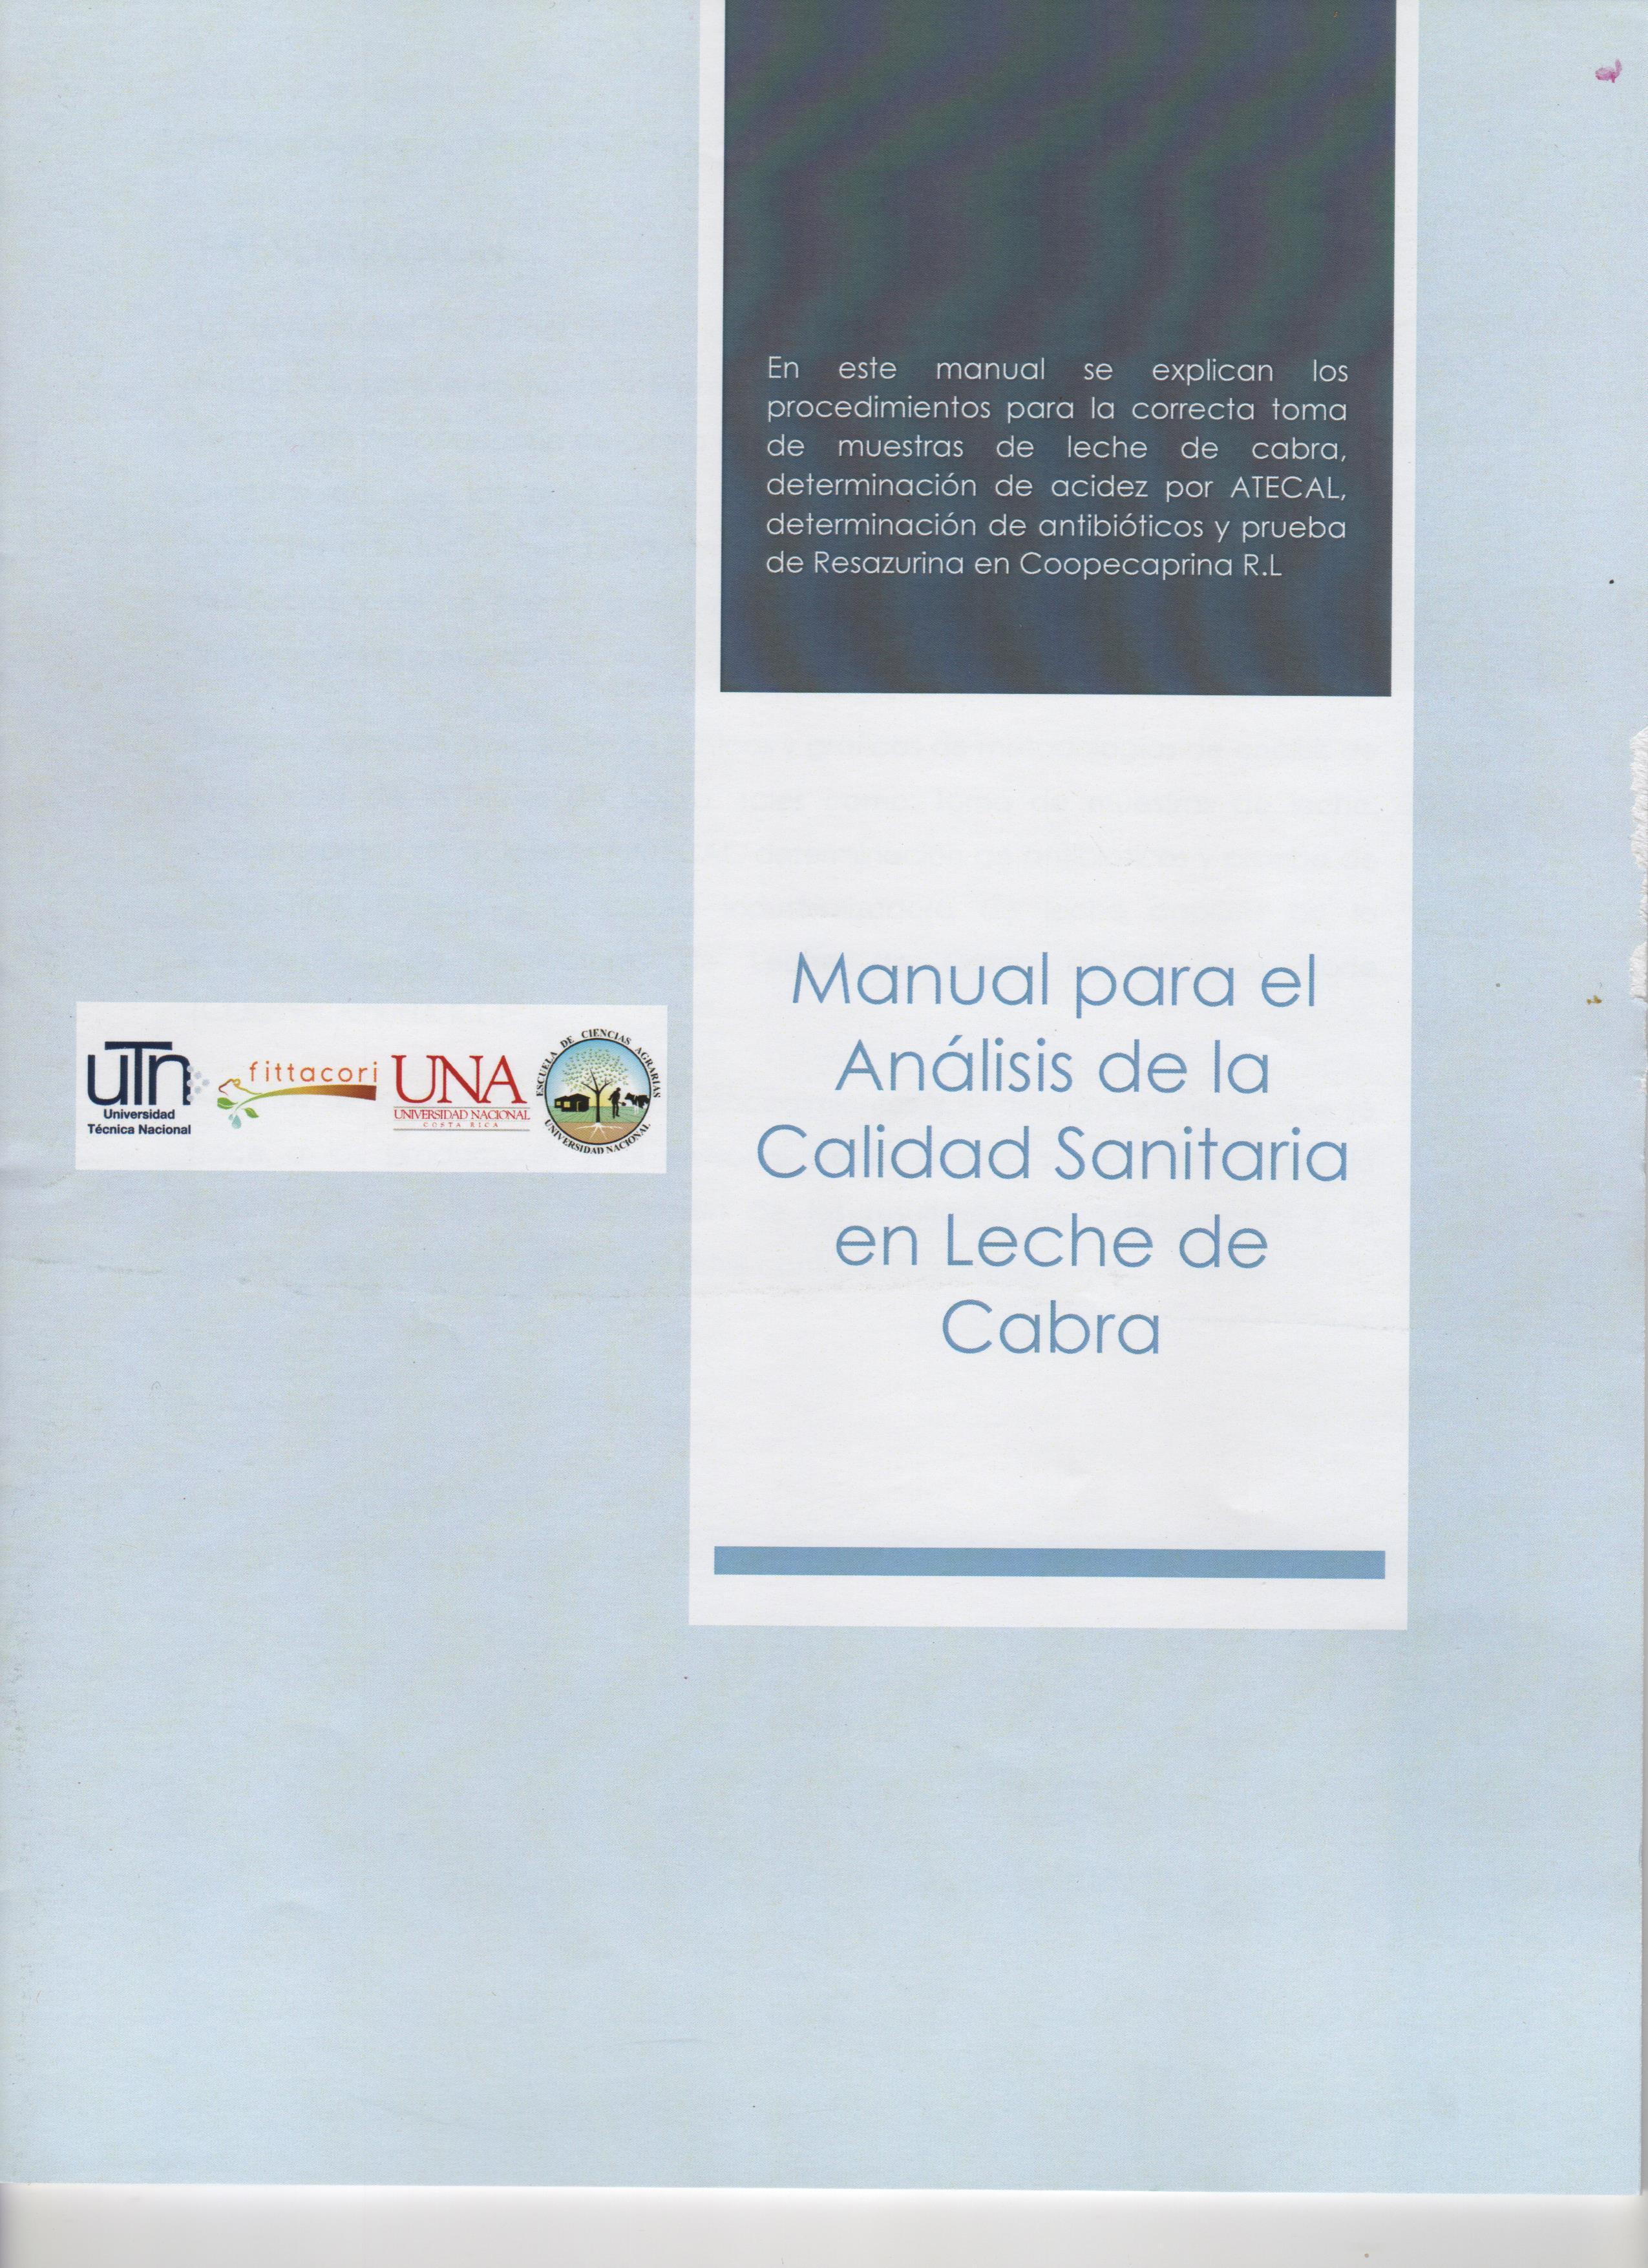 Manual para el Análisis de la Calidad Sanitaria en la Leche de Cabra